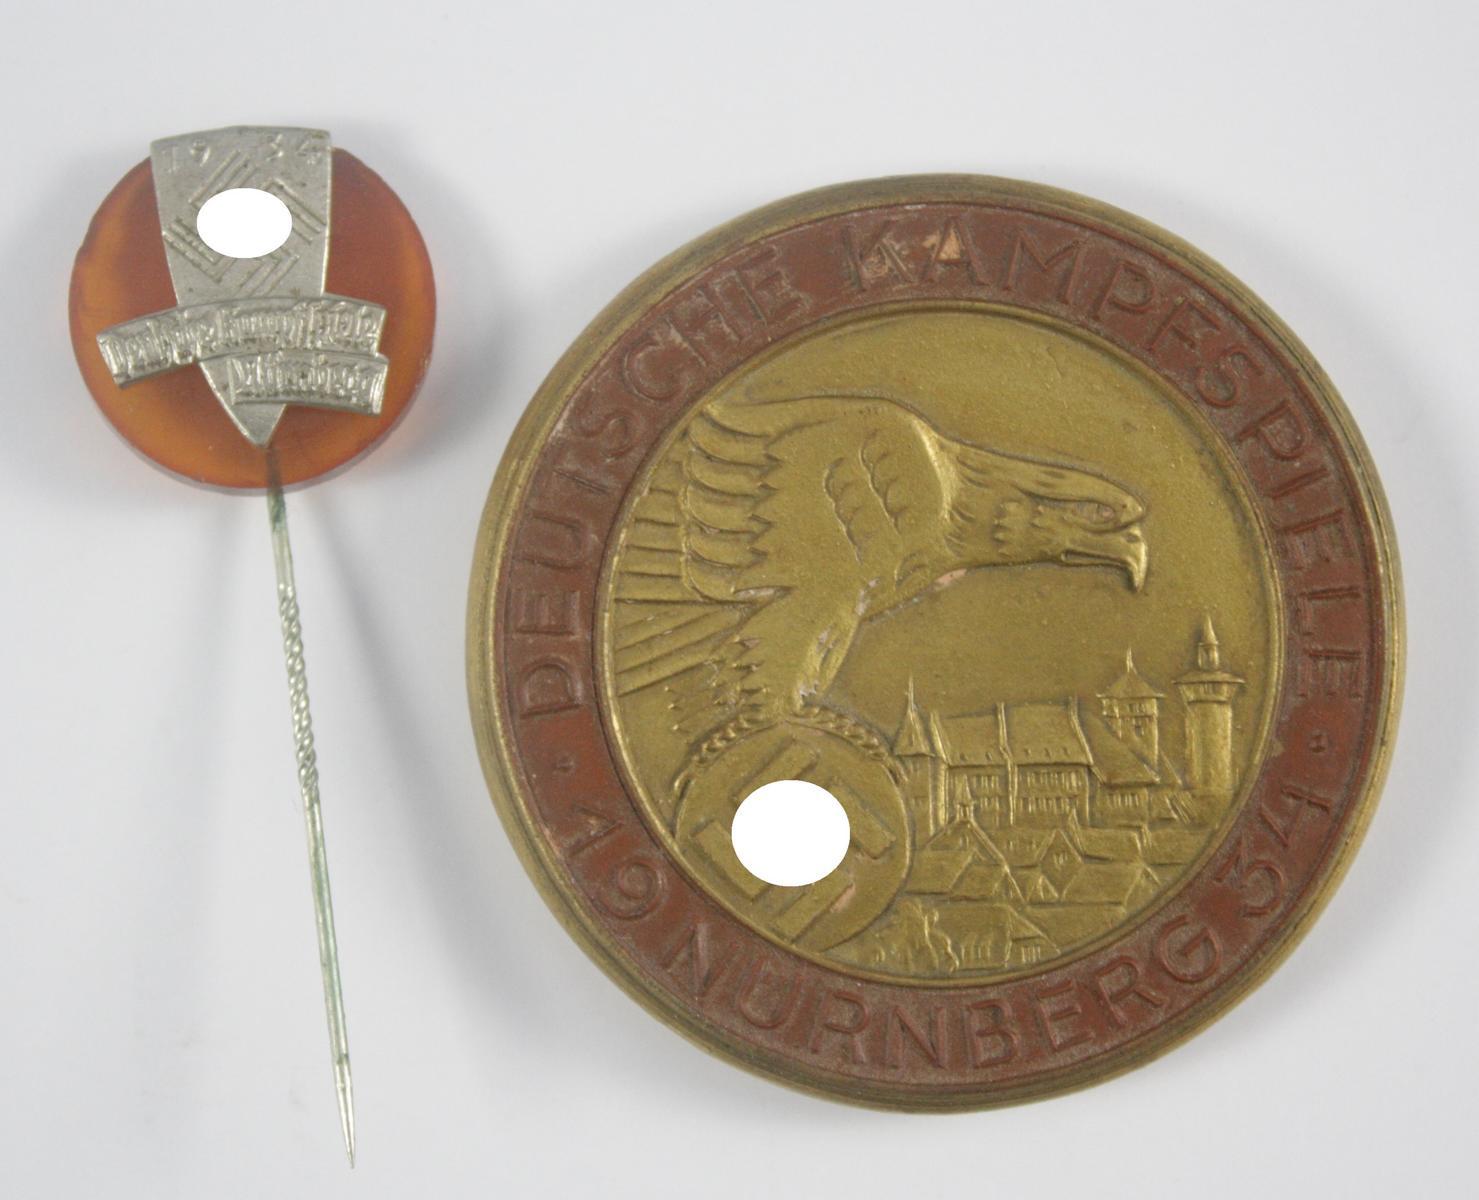 Teilnehmerabzeichen und Steinzeug-Medaille Deutsche Kampfspiele Nürnberg 1934